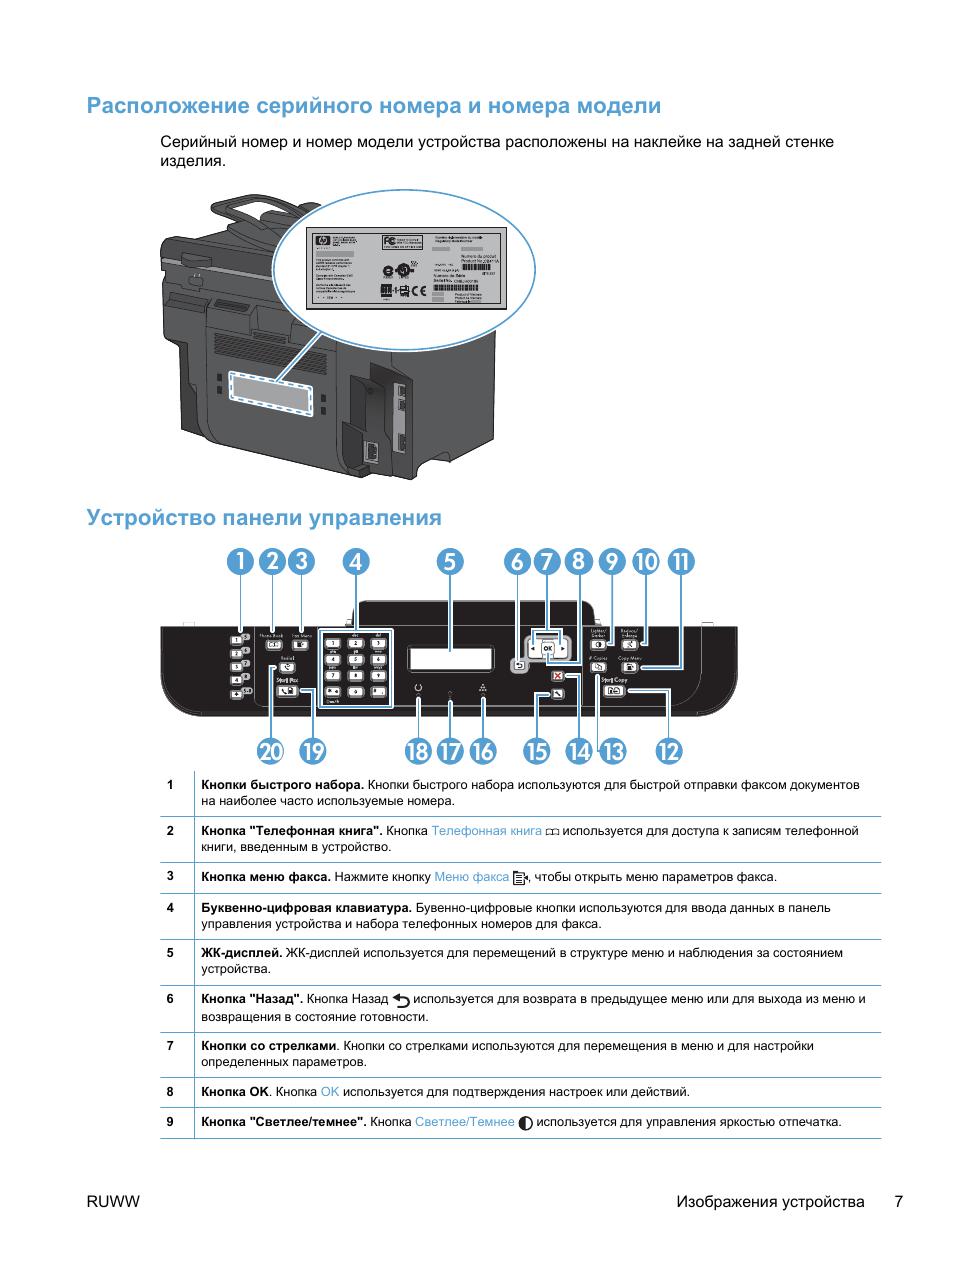 Расположение серийного номера и номера модели, Устройство панели управления Инструкция по эксплуатации HP LaserJet Pro M1536dnf